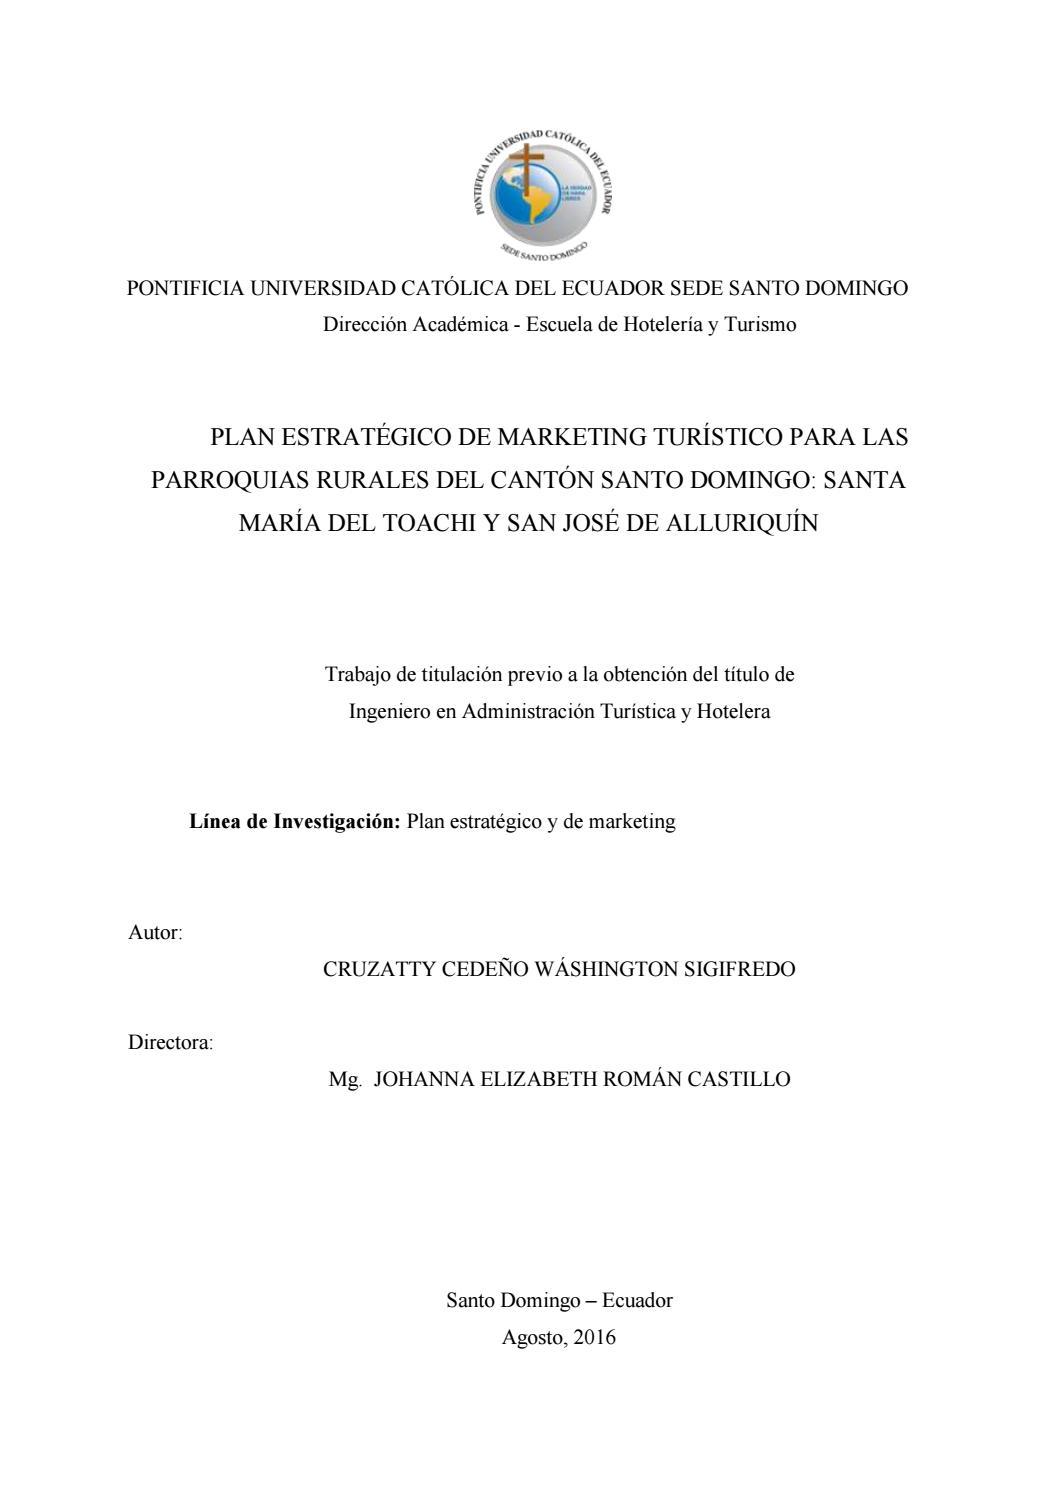 Plan estratégico de marketing turístico para las parroquias rurales ...